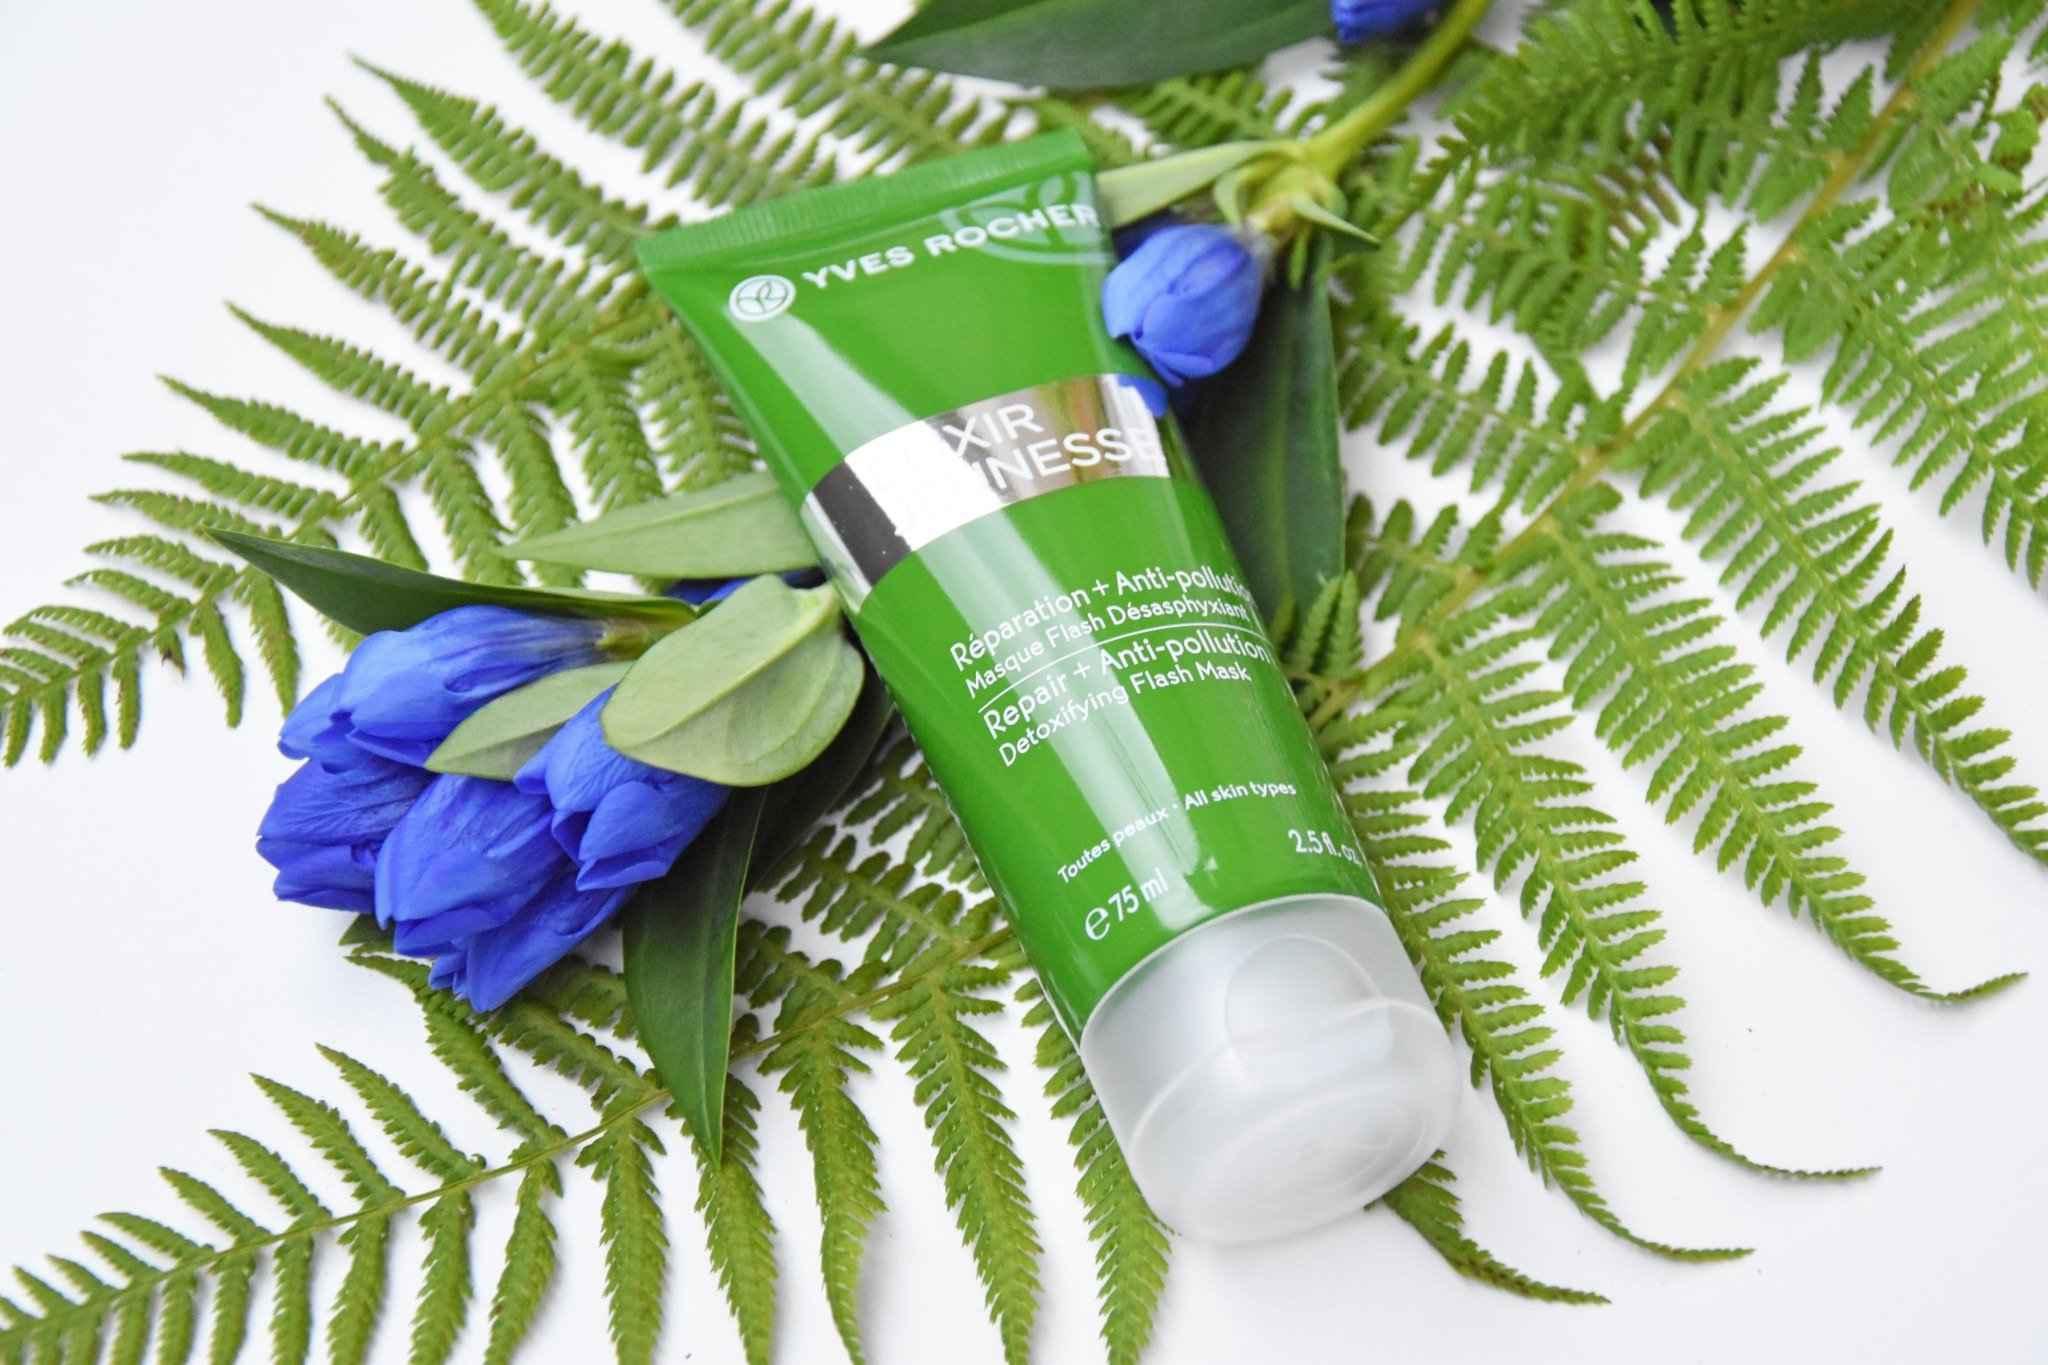 Yves Rocher Elixir Jeunesse Repair + Anti-Pollution Express Detox Mask